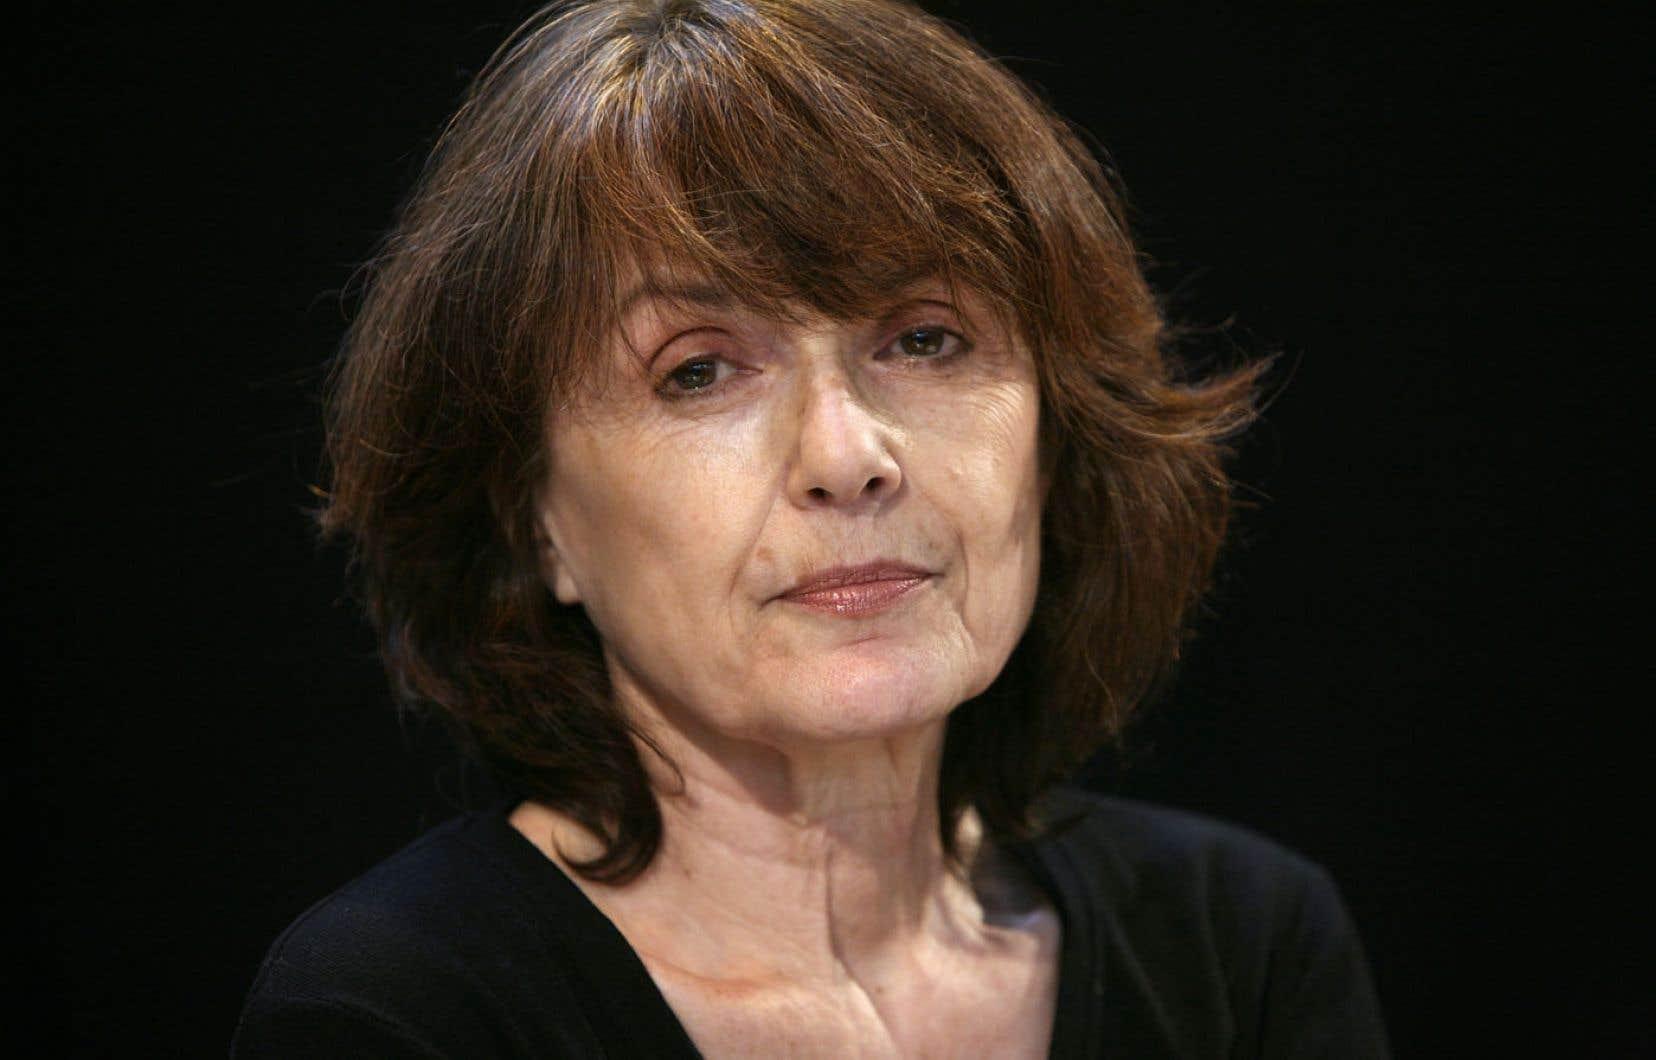 Dans Écoute la pluie, Michèle Lesbre raconte une histoire d'amour comme si elle nageait dans un fleuve à remous.